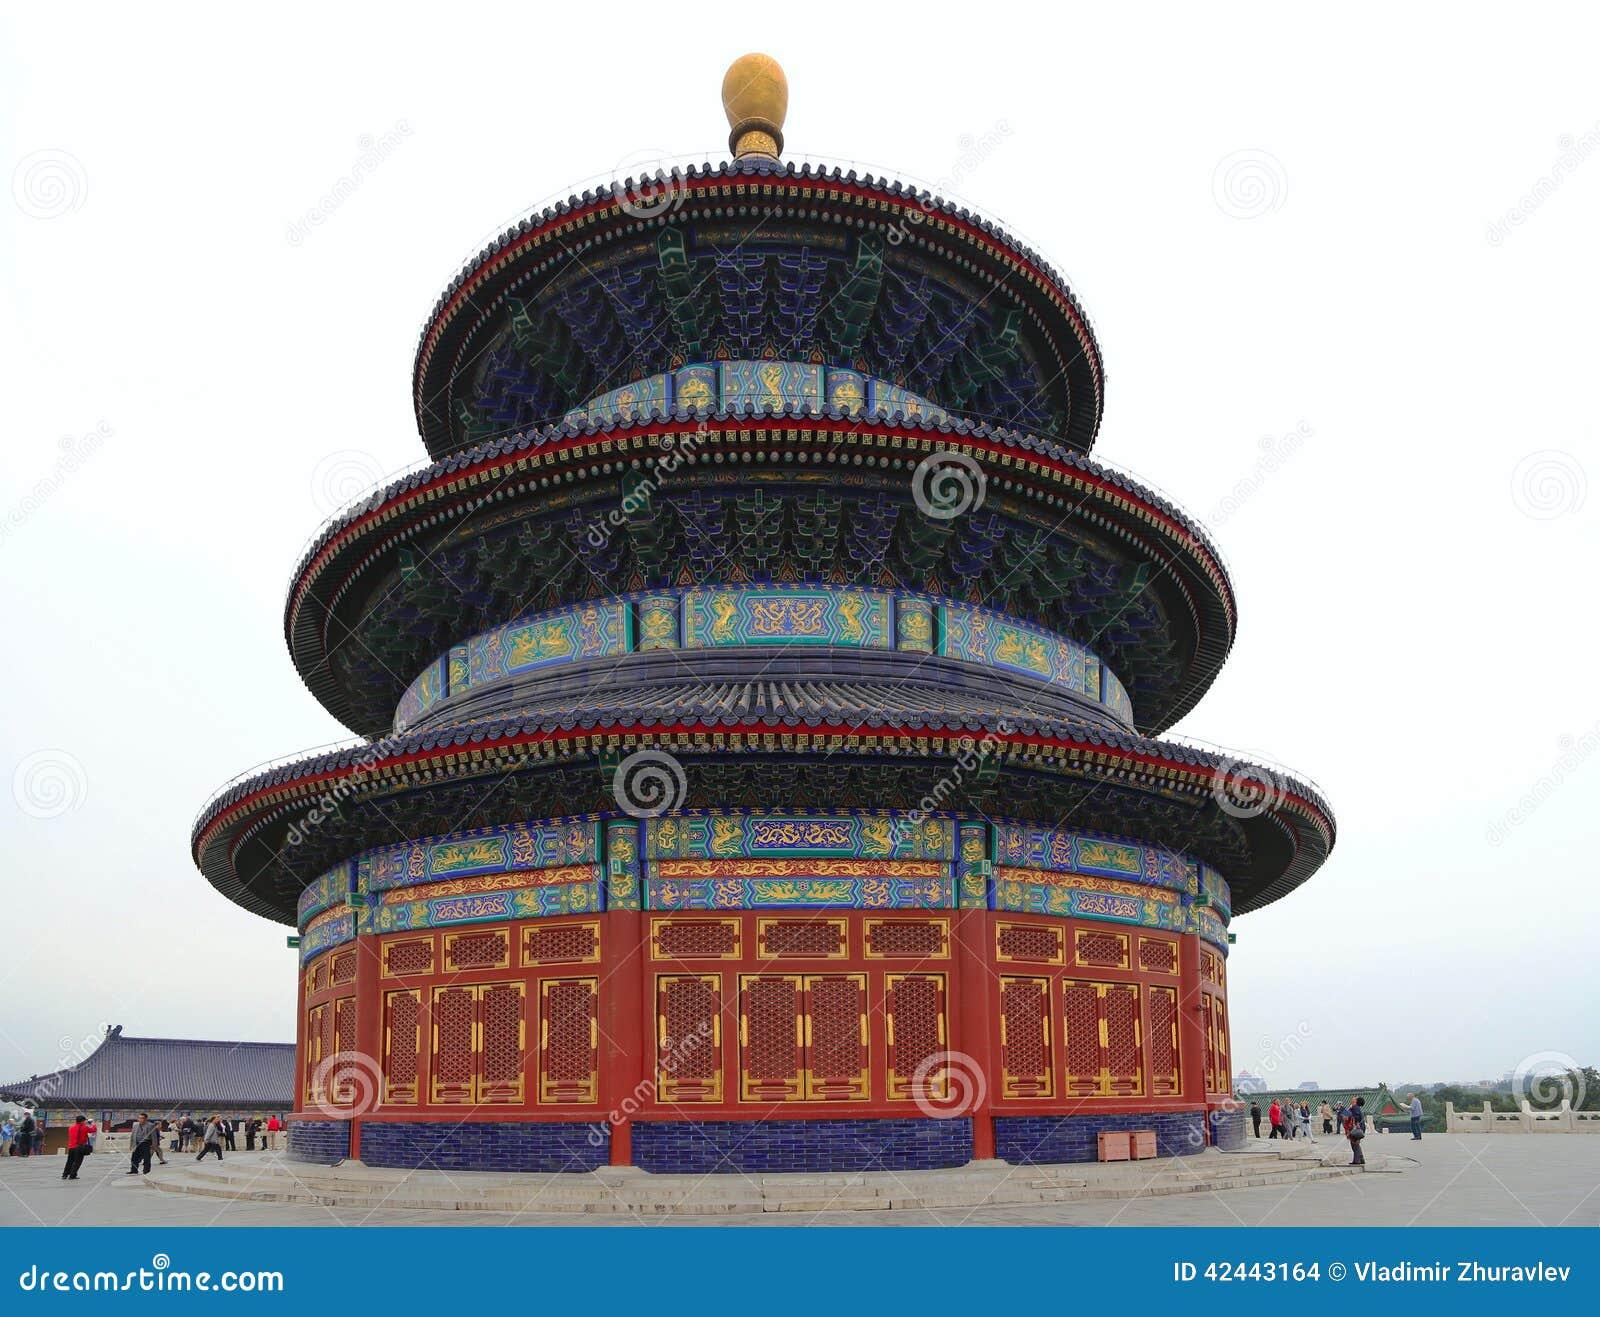 El Templo del Cielo (altar del cielo), Pekín, China